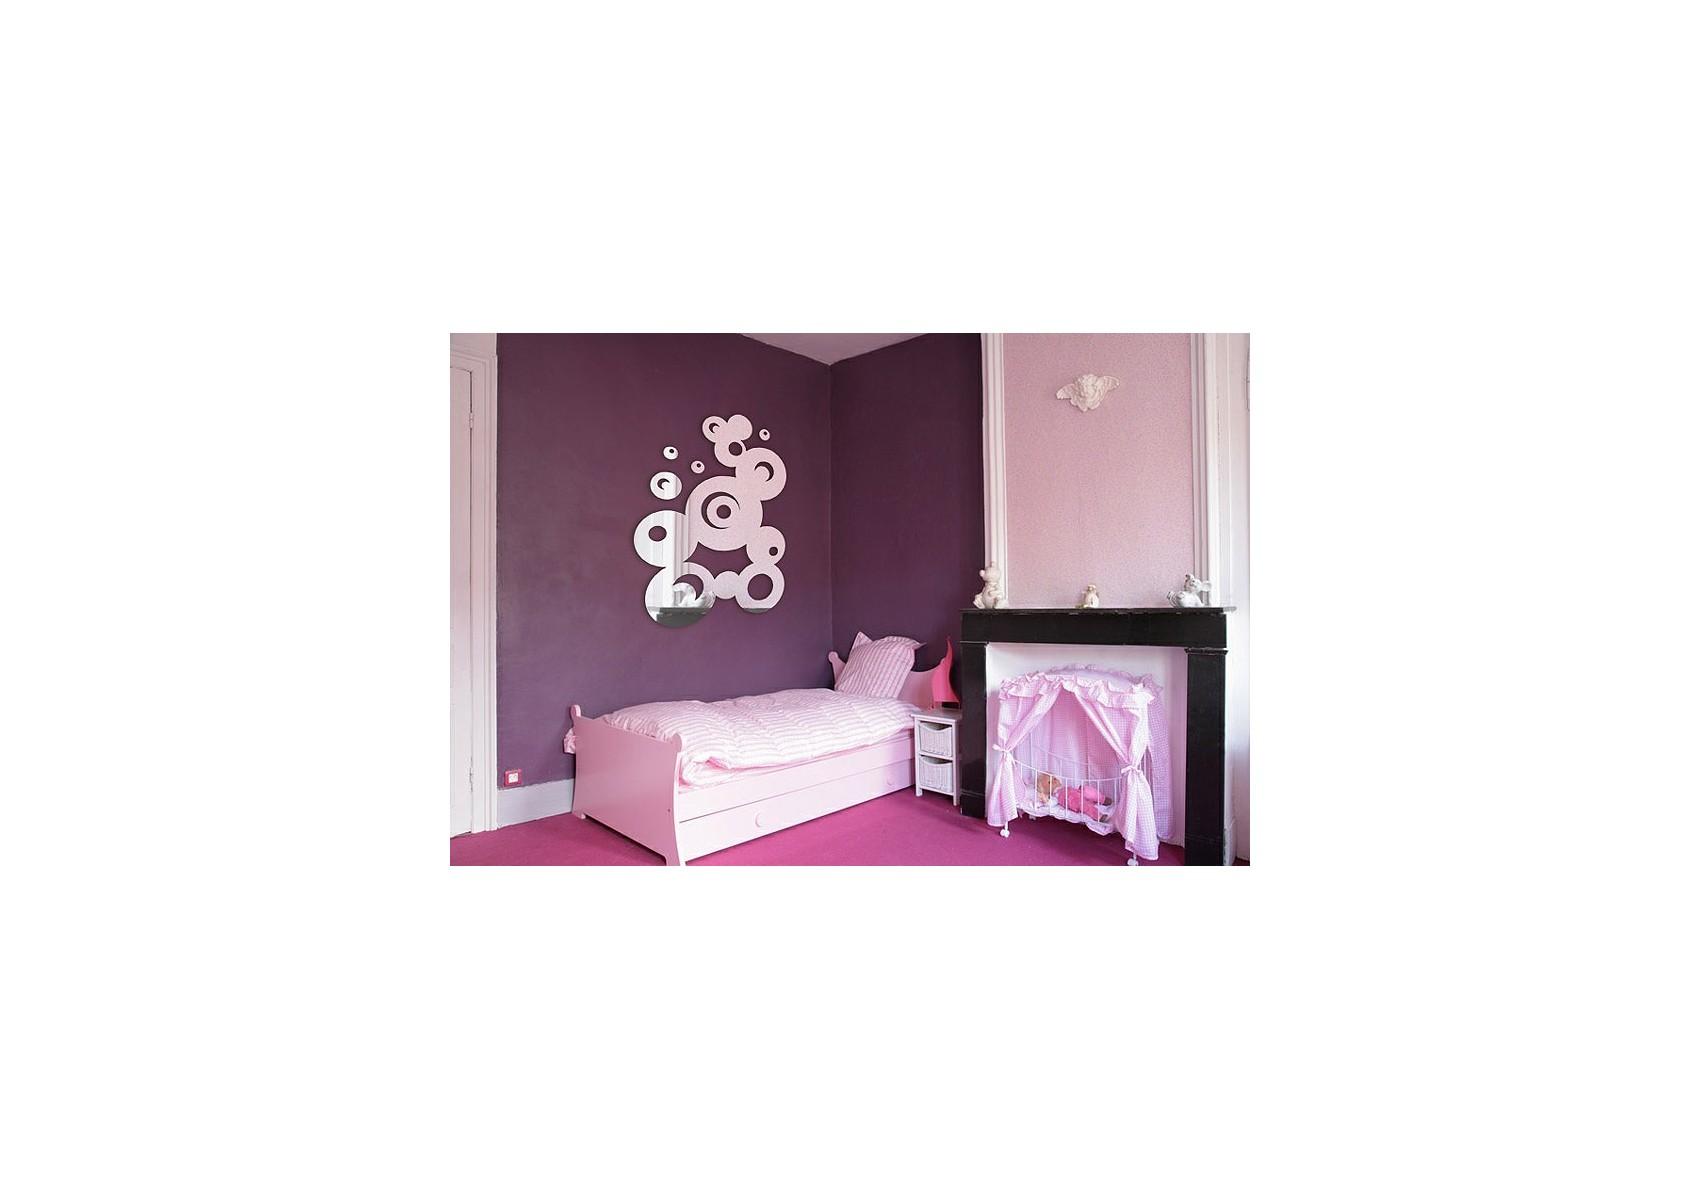 miroir d co bulles fresque ronde avec d tails en acrylique. Black Bedroom Furniture Sets. Home Design Ideas